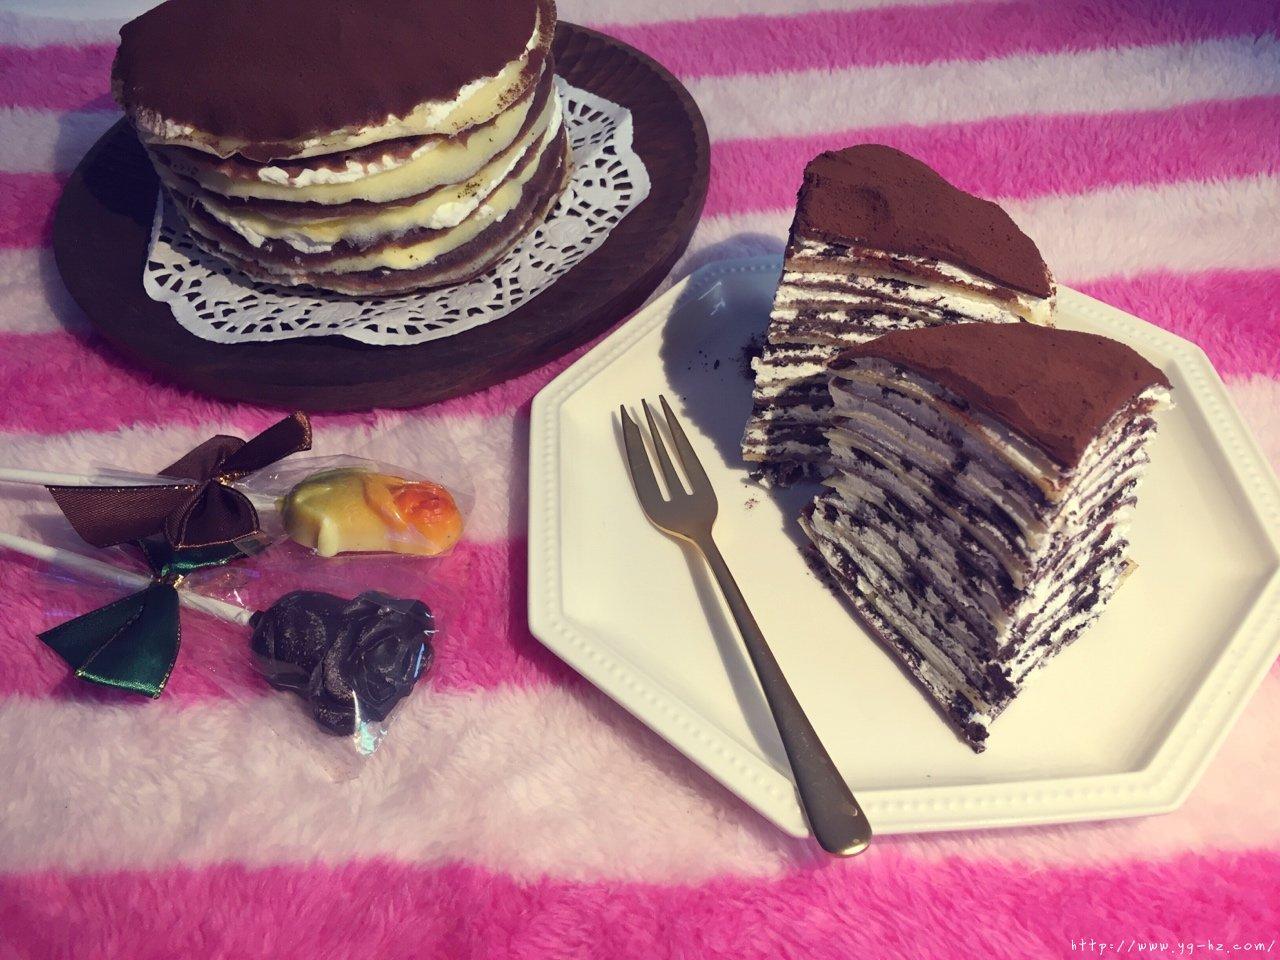 奥利奥双色千层蛋糕的做法 步骤22